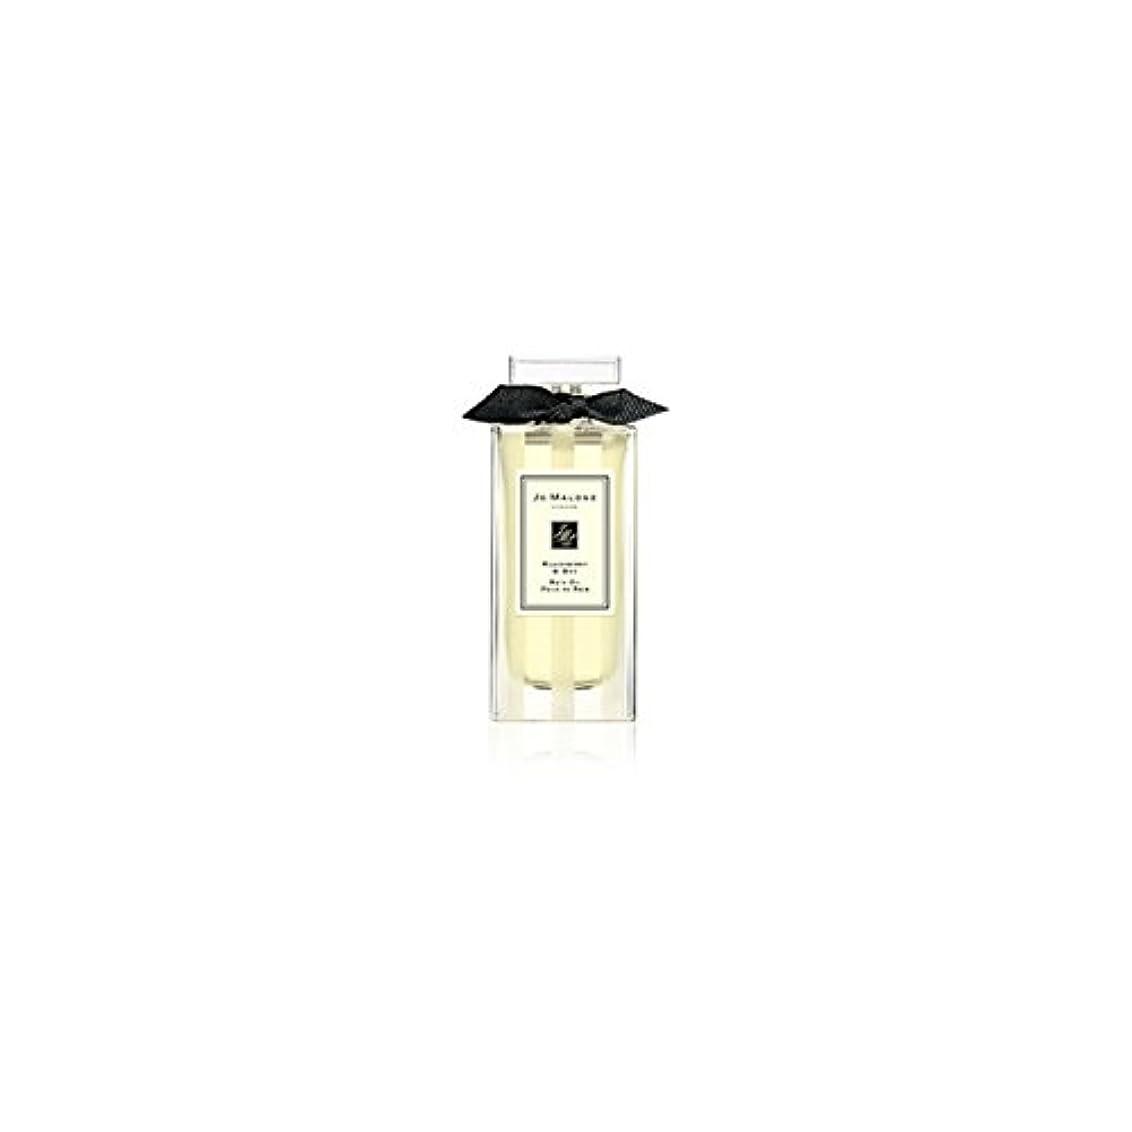 小間電極確率Jo Malone Blackberry & Bay Bath Oil - 30ml (Pack of 2) - ジョーマローンブラックベリー&ベイバスオイル - 30ミリリットル (x2) [並行輸入品]